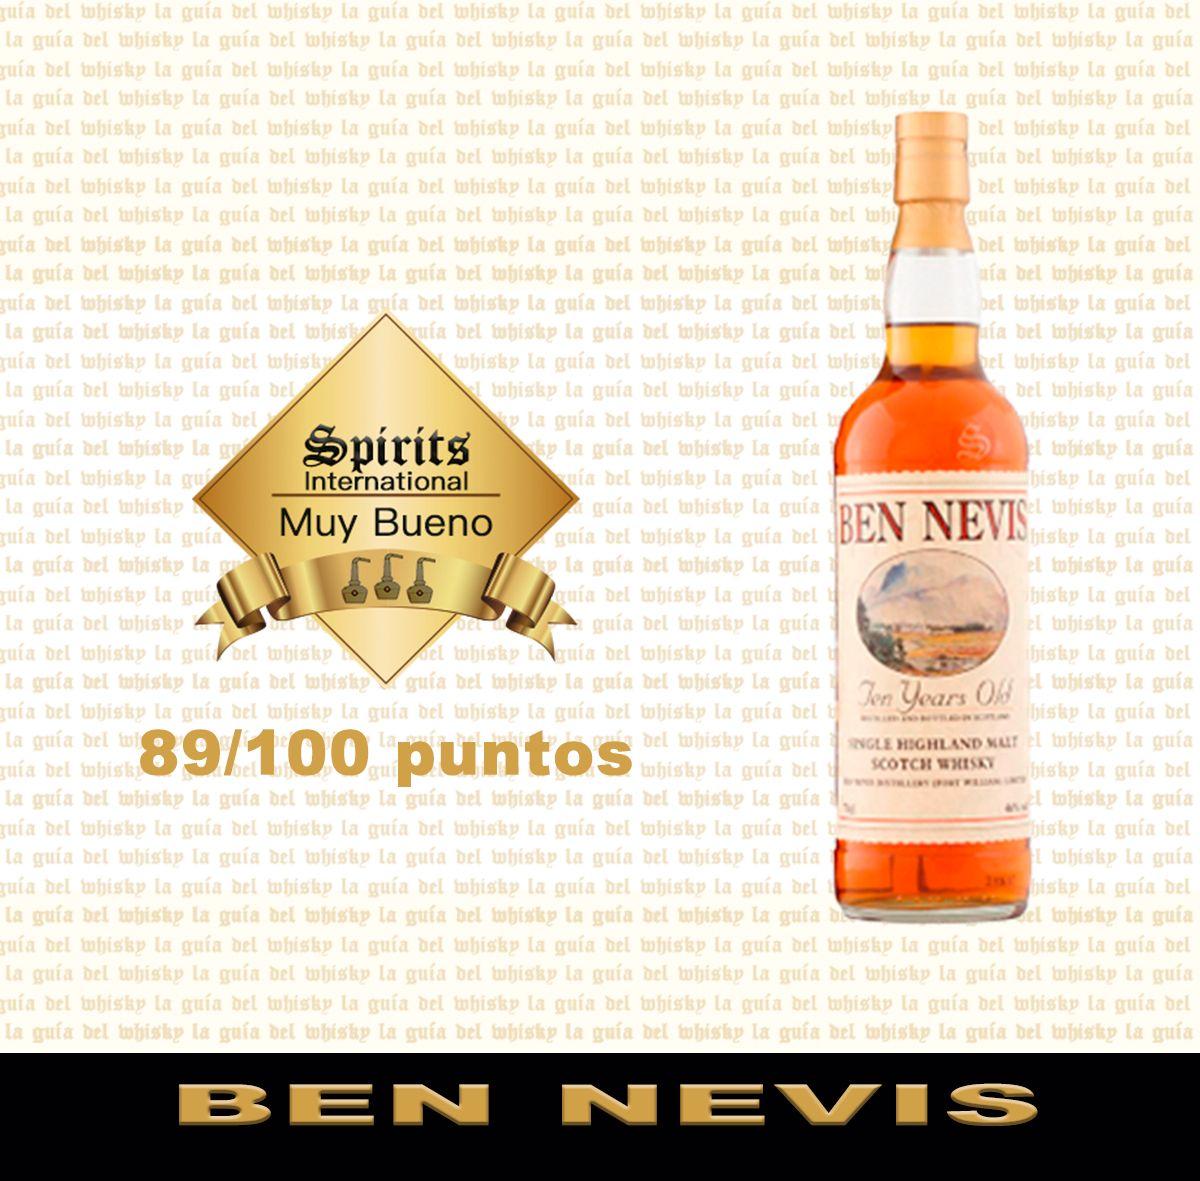 CONOCE BEN NEVIS es una destilería escocesa que produce